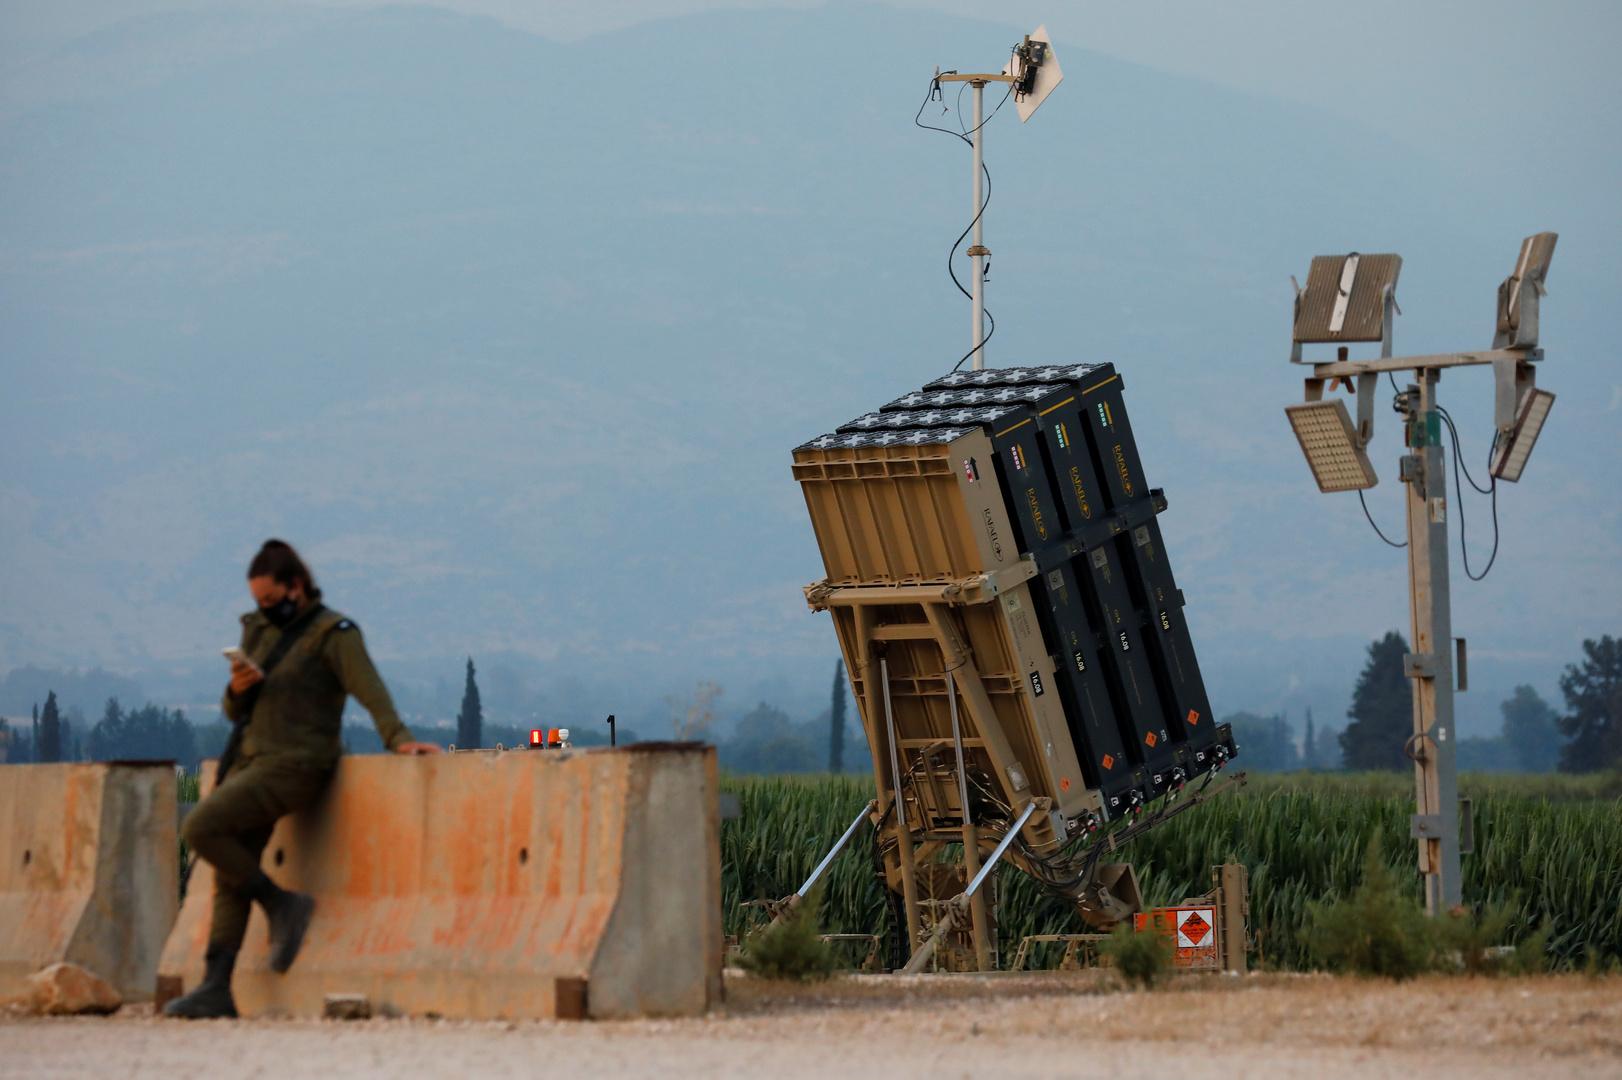 الجيش الإسرائيلي: القبض على شخص طعن مجندة في غور الأردن